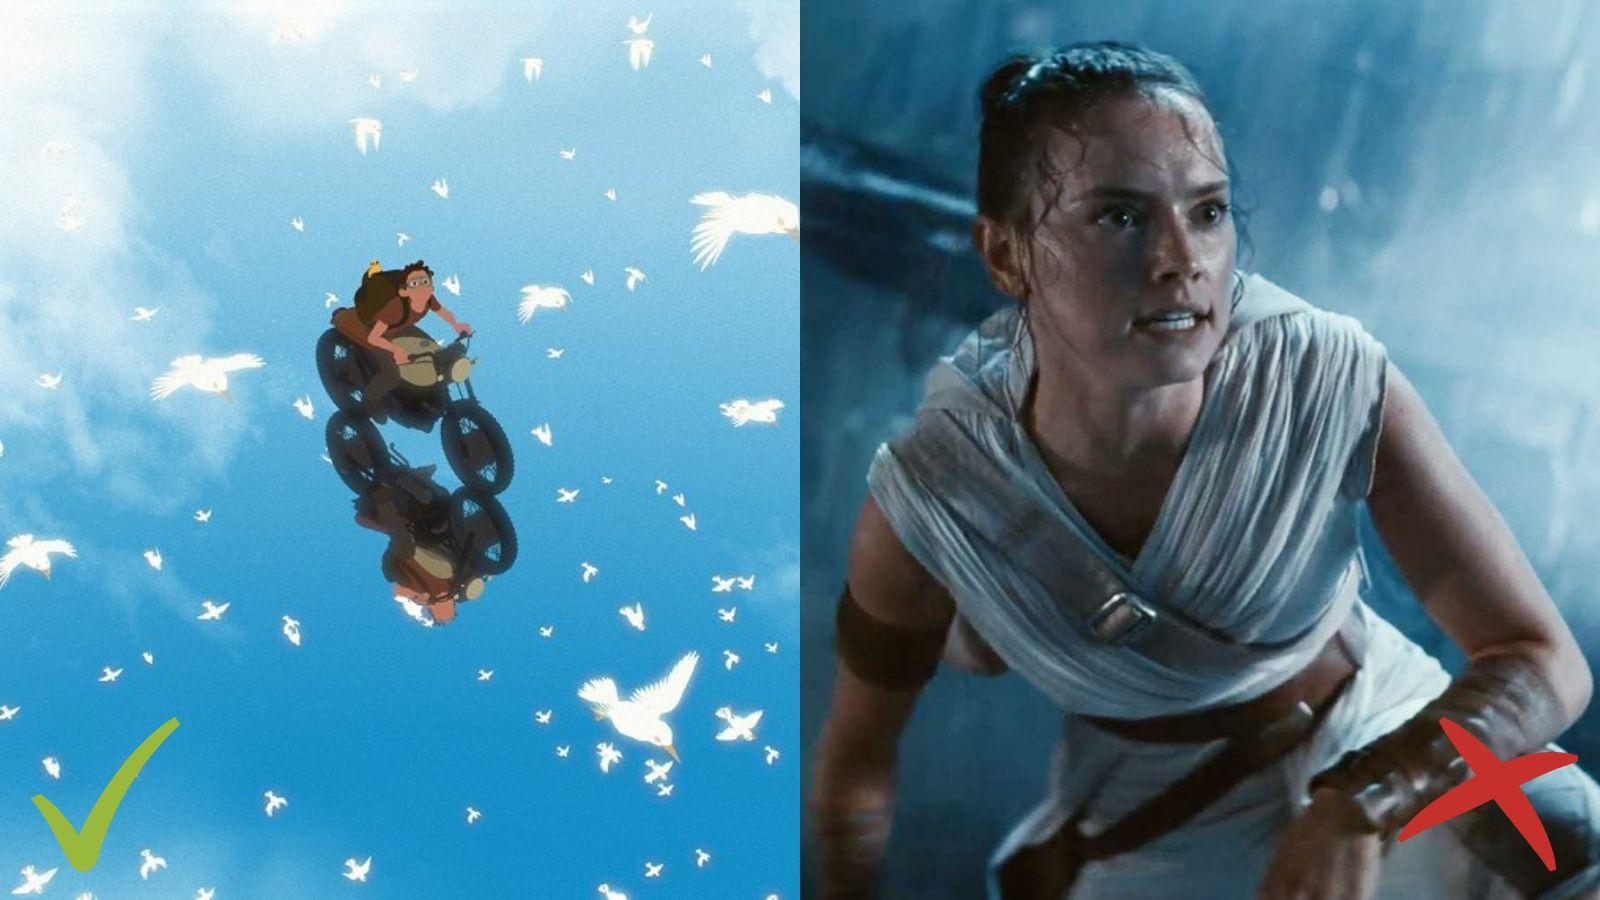 Away, Star Wars: The Rise of Skywalker, Projām, Zvaigžņu kari: Skaivokera atdzimšana